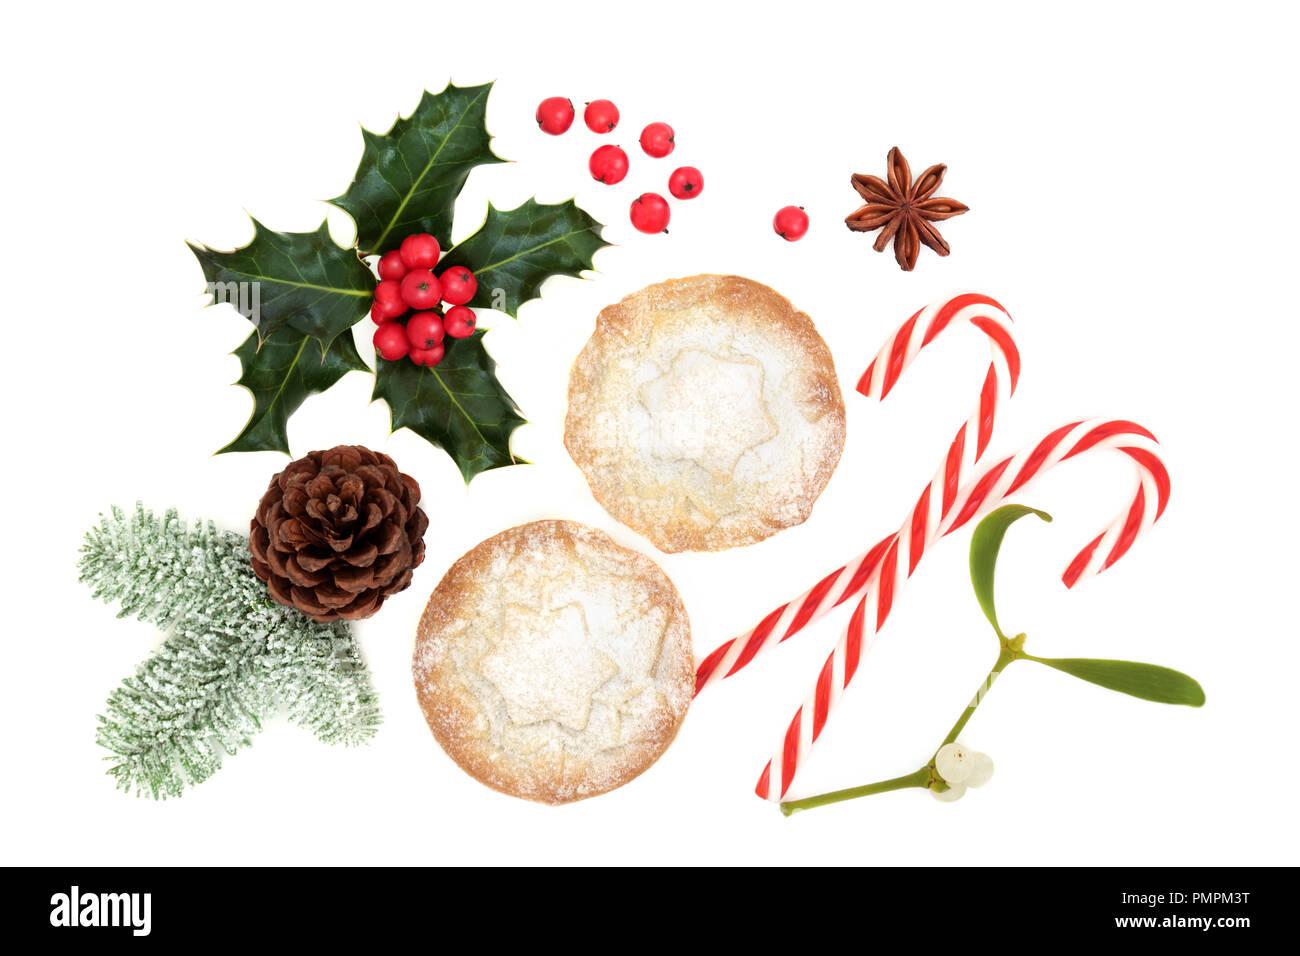 Symboles de Noël avec mince pie tartes, flore d'hiver du houx, sapin couvert de neige, pomme de pin, des cannes de bonbon et d'anis étoilé sur fond blanc. Vue d'en haut. Photo Stock